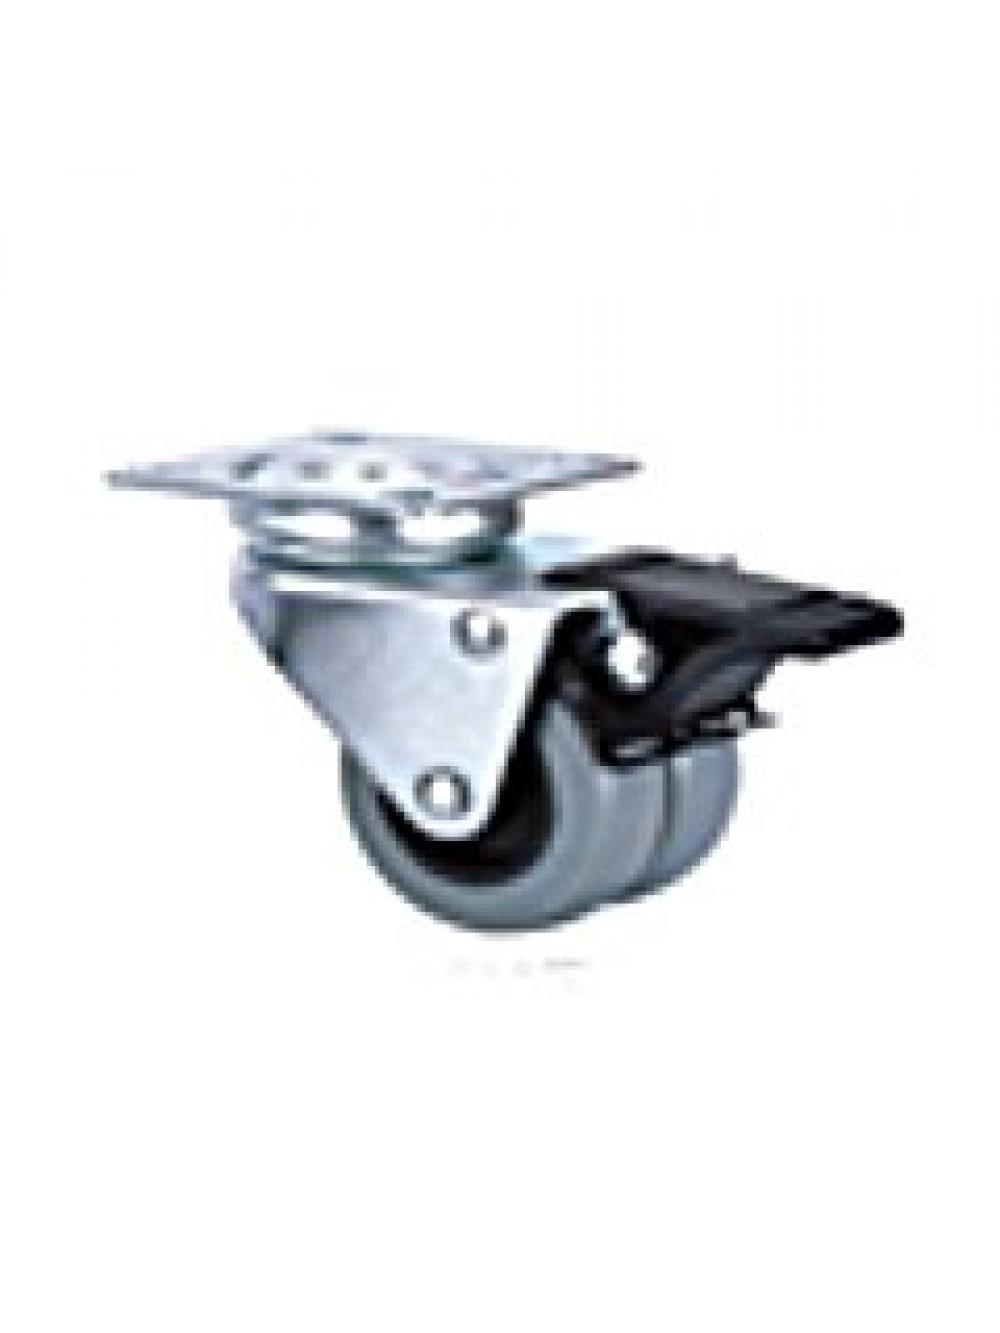 Ролик 2-х колесный аппаратный поворотный с тормозом